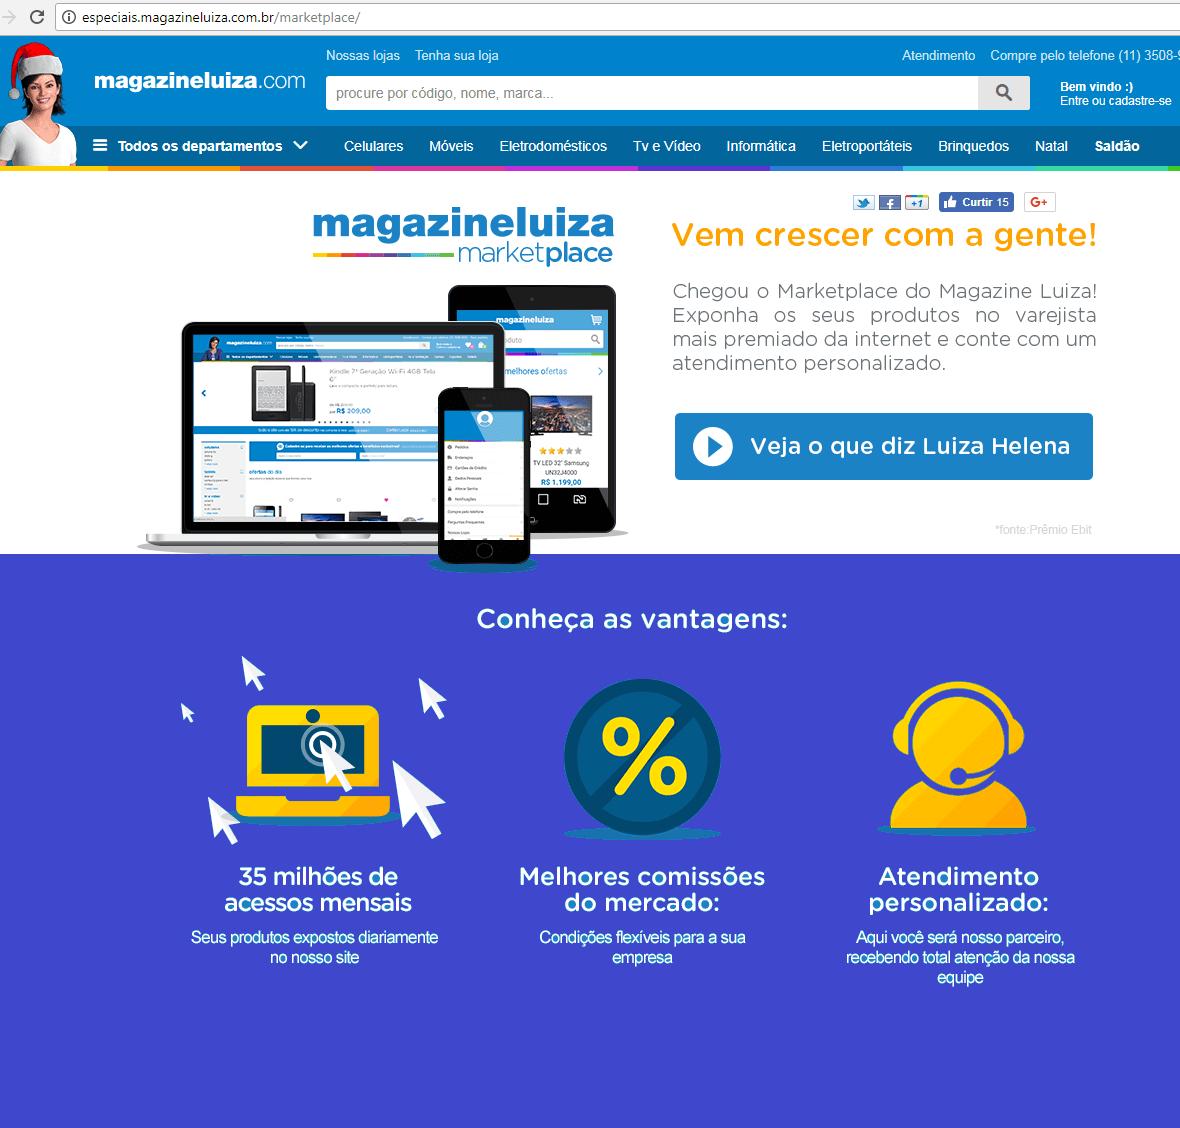 exemplo marketplace